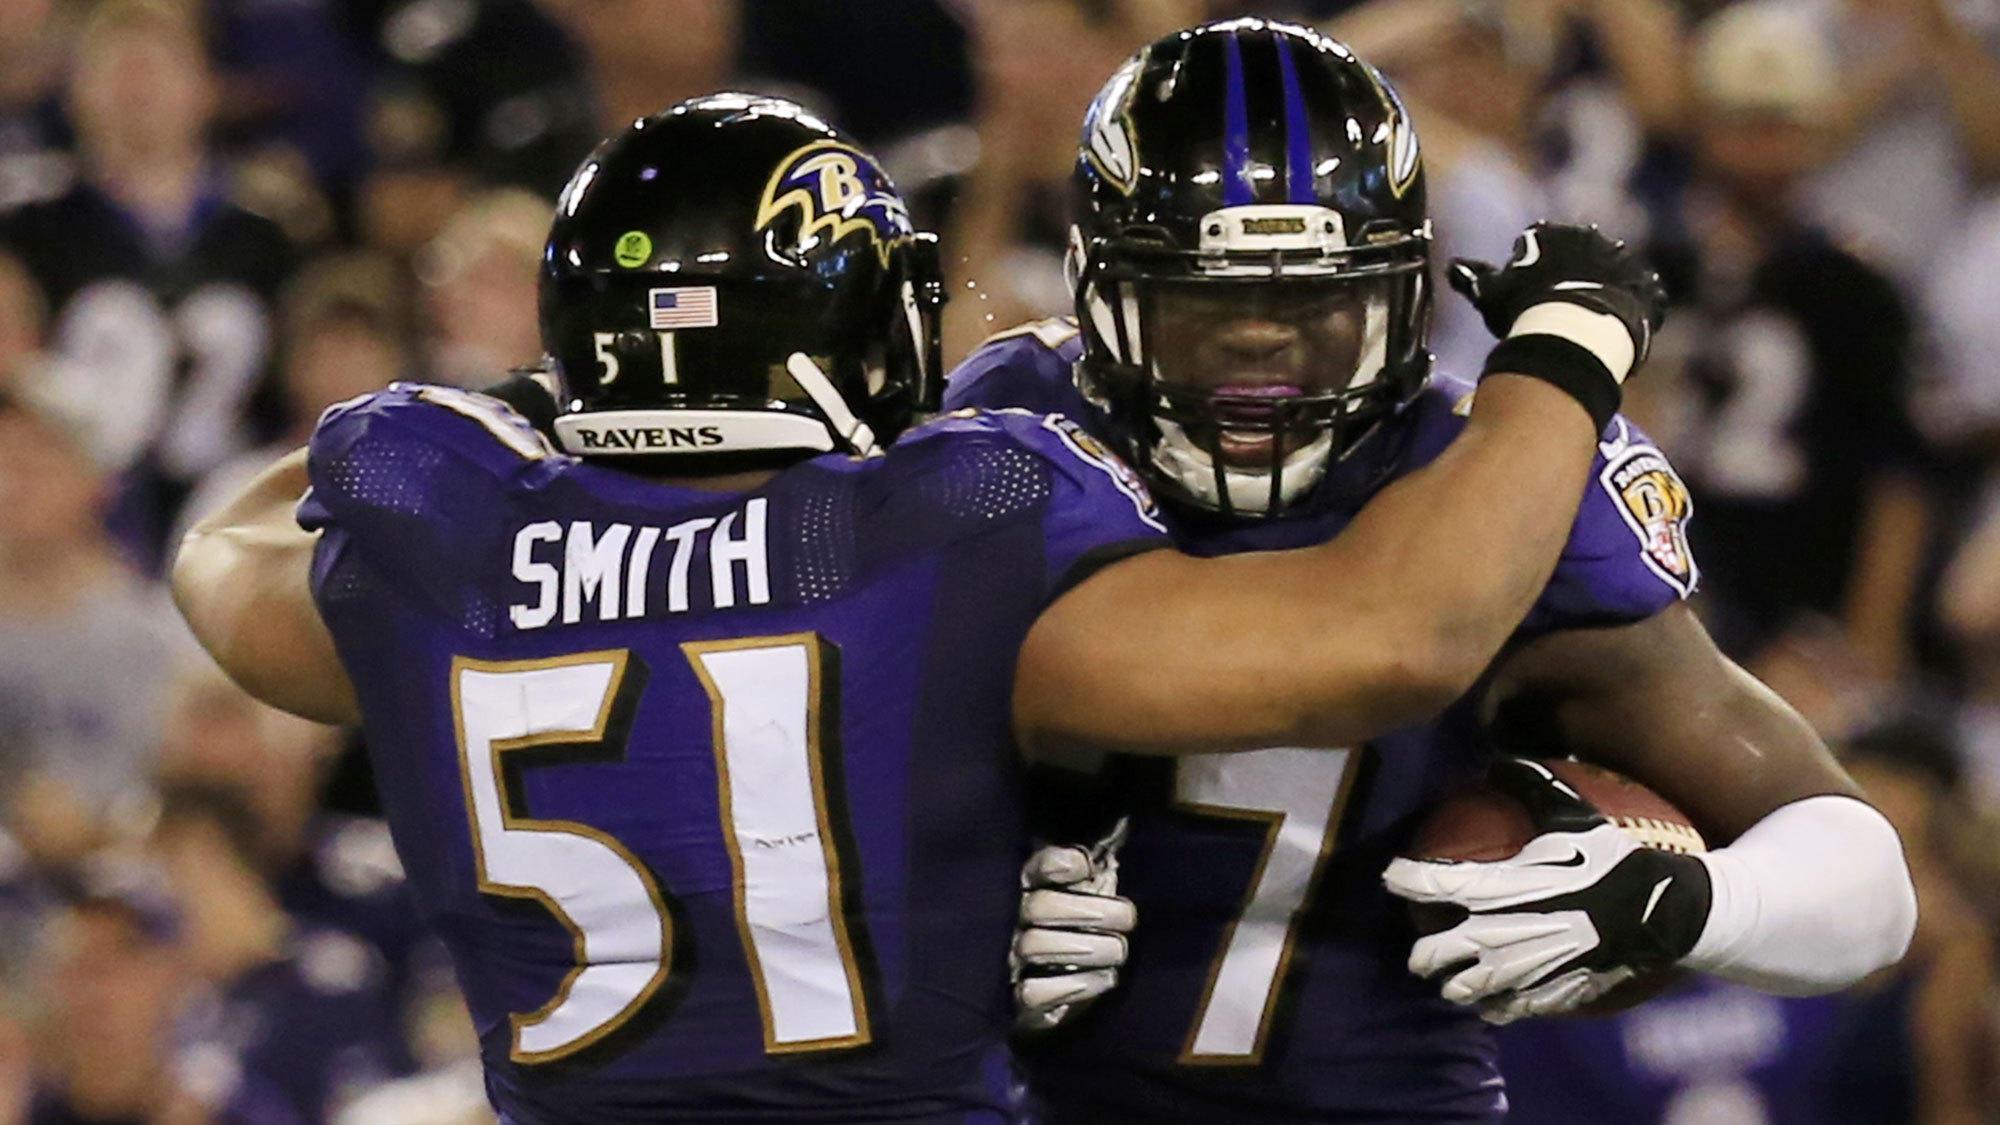 Athletic Panthers linebacker Luke Kuechly gave hope to Ravens